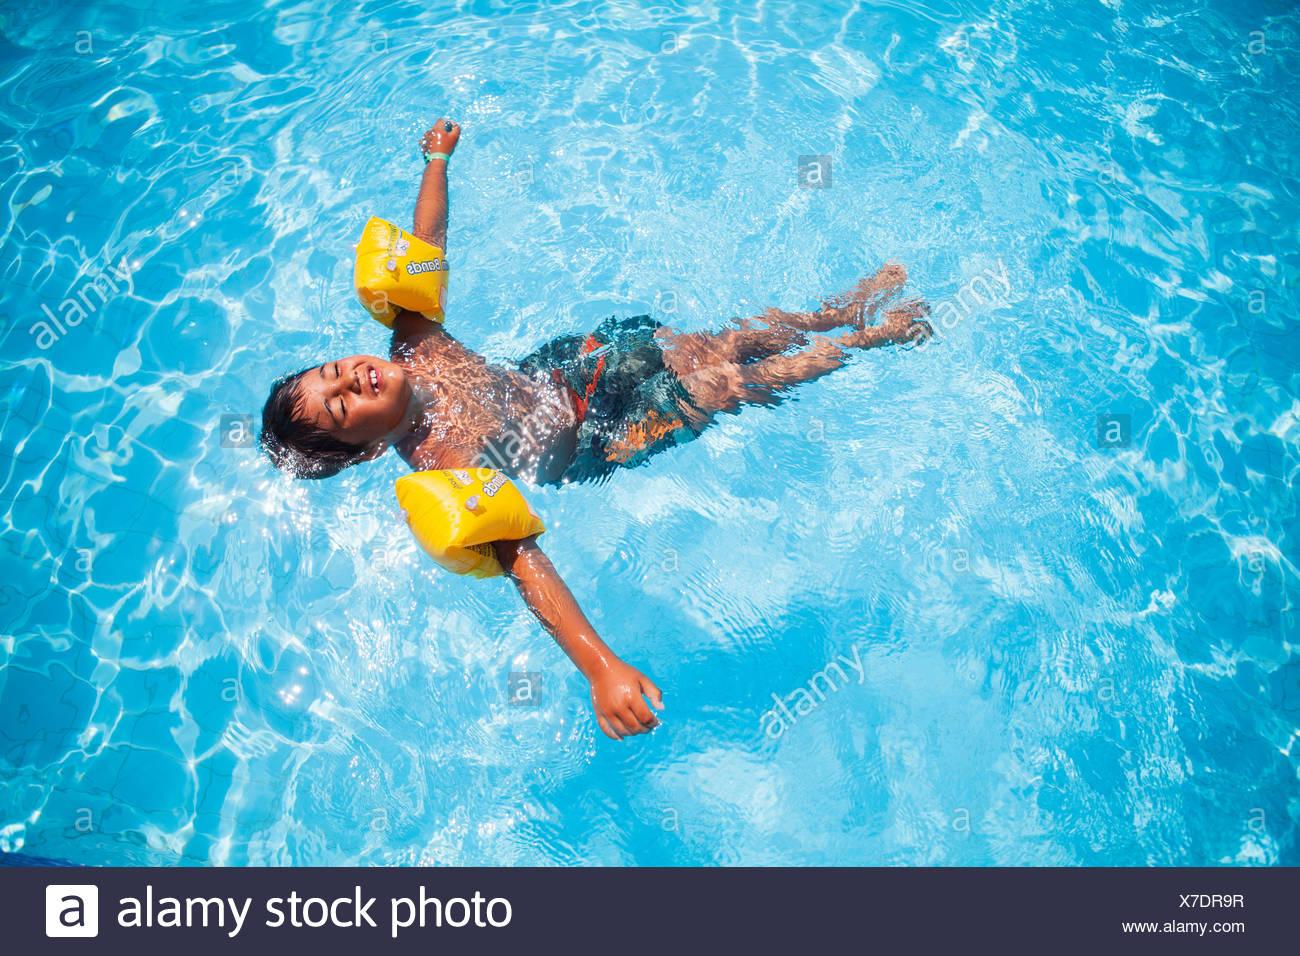 Un ragazzo che indossa l'acqua ali galleggianti in un pool Immagini Stock